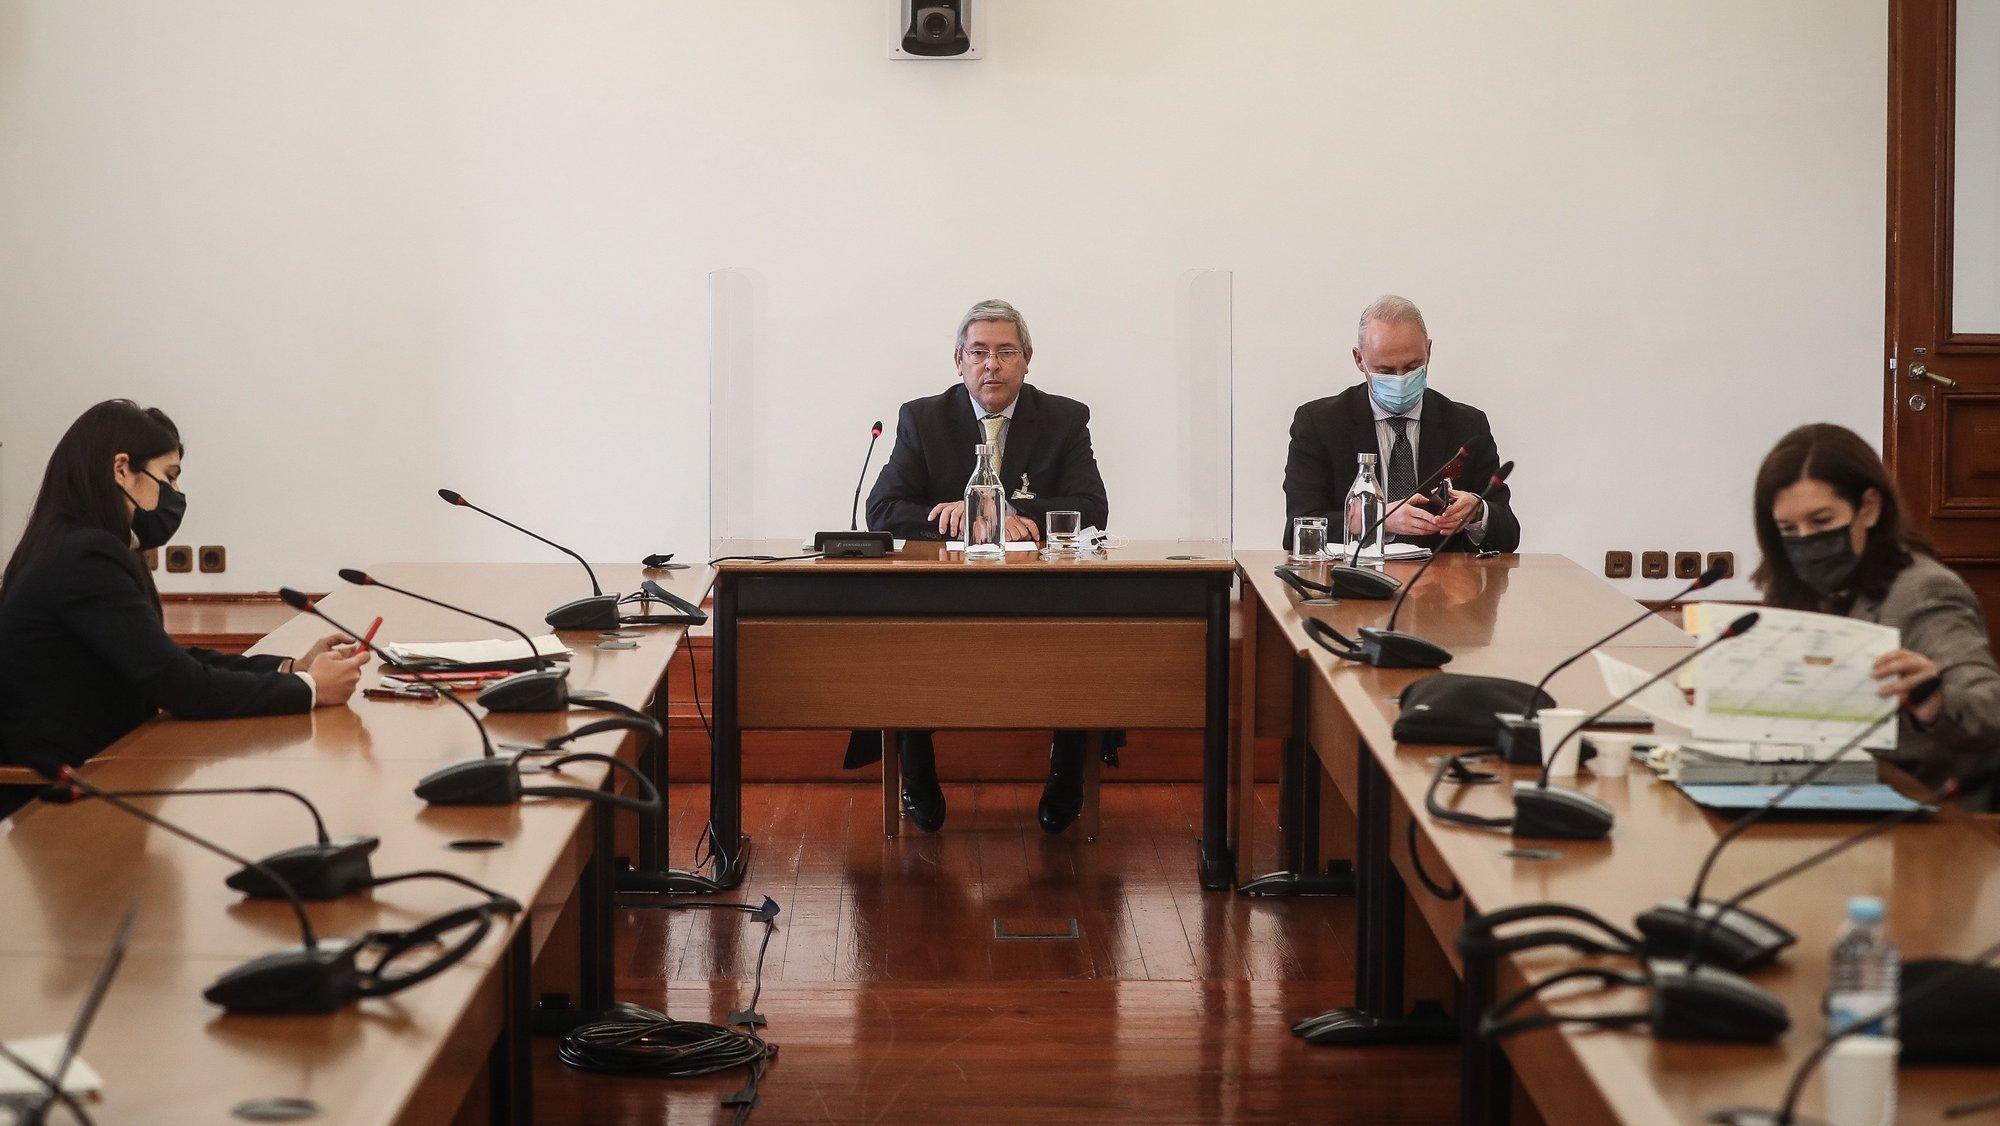 O administrador do Grupo Moniz da Maia, Bernardo Moniz da Maia (2-E), durante a sua audição perante a comissão eventual de Inquérito Parlamentar às perdas registadas pelo Novo Banco e imputadas ao Fundo de Resolução, na Assembleia da República, em Lisboa, 30 de abril de 2021. MÁRIO CRUZ/LUSA